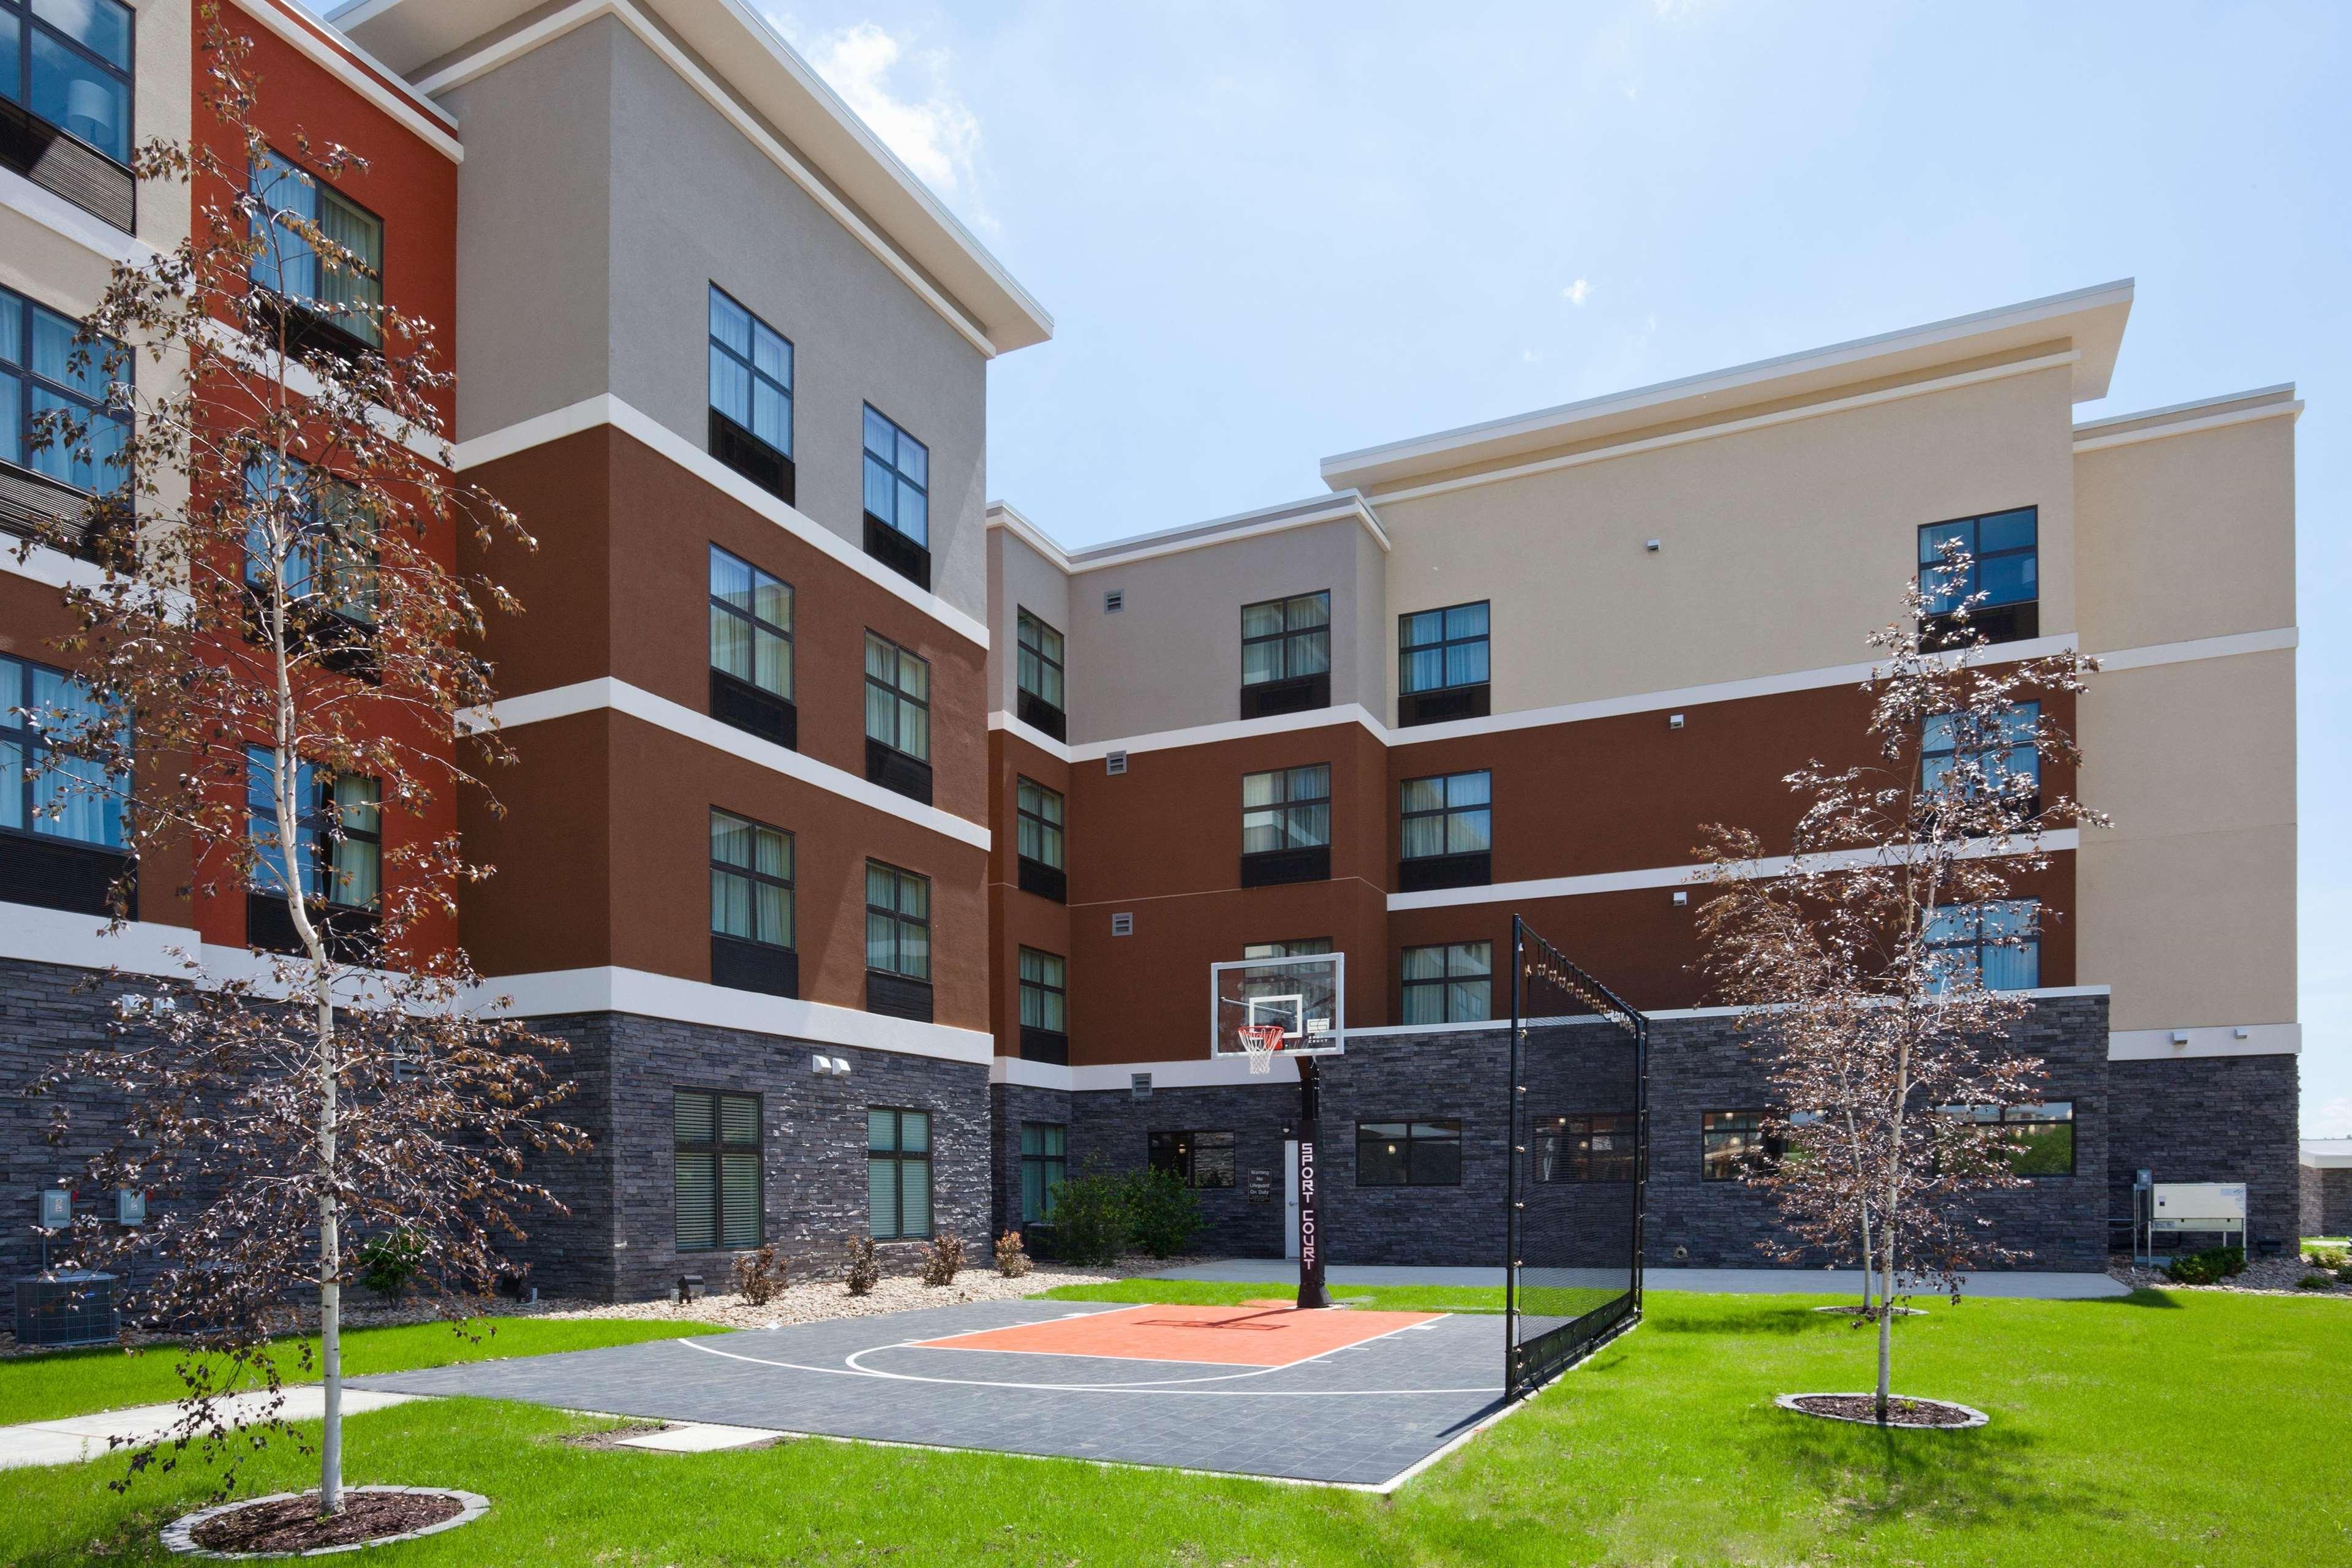 Homewood Suites by Hilton Davenport image 8